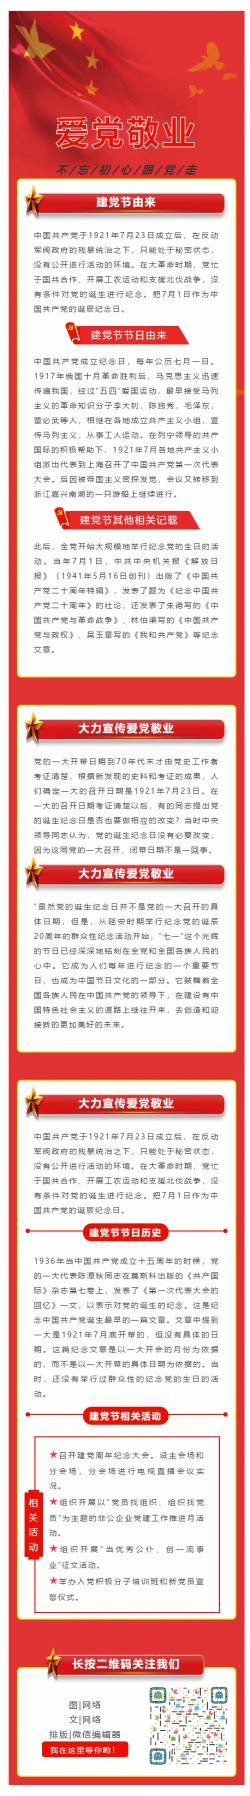 七一建党节红色革命党政风格模板推文素材